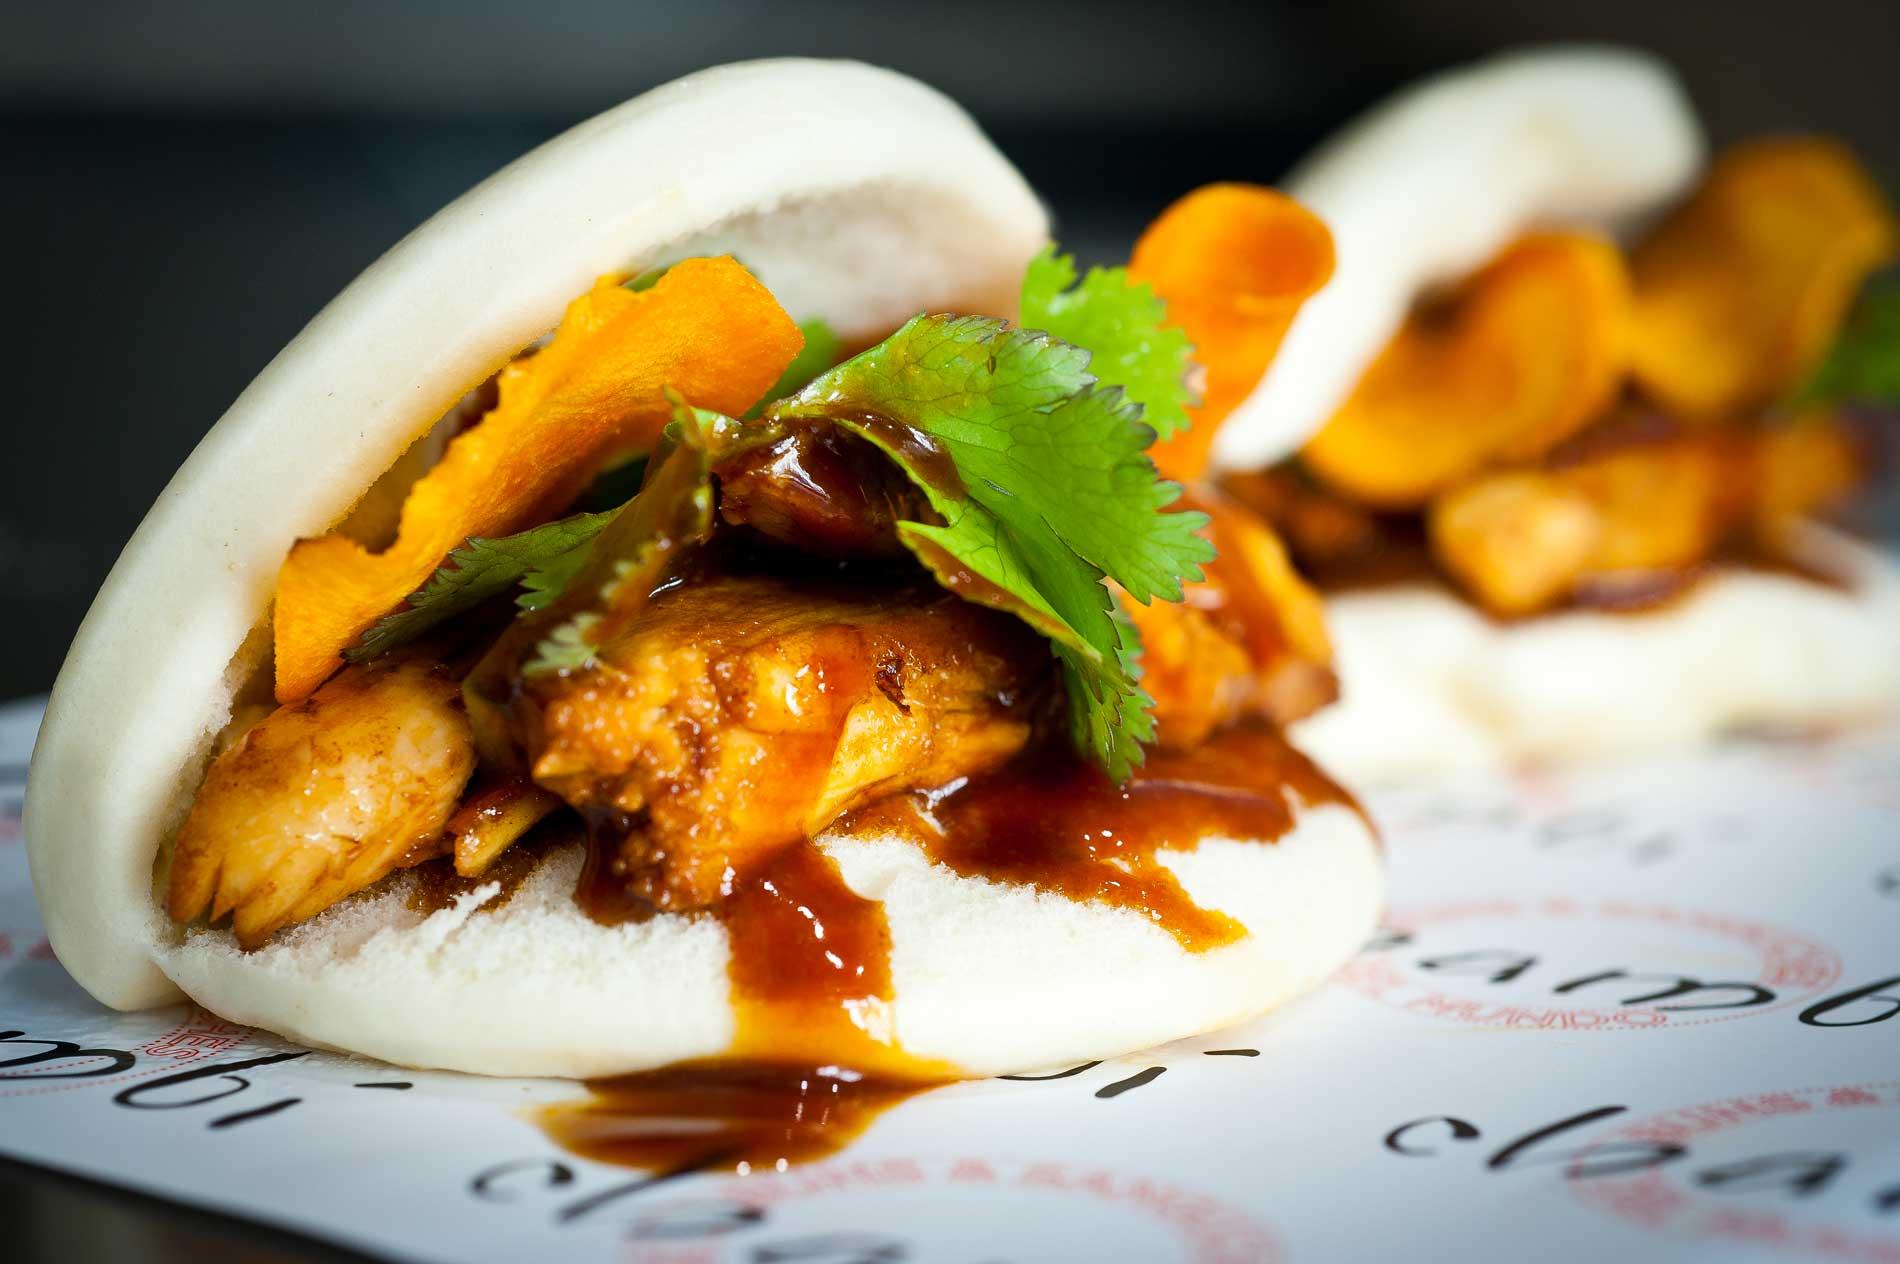 La Chispería, el nuevo proyecto gastronómico en mercado de Chamberí